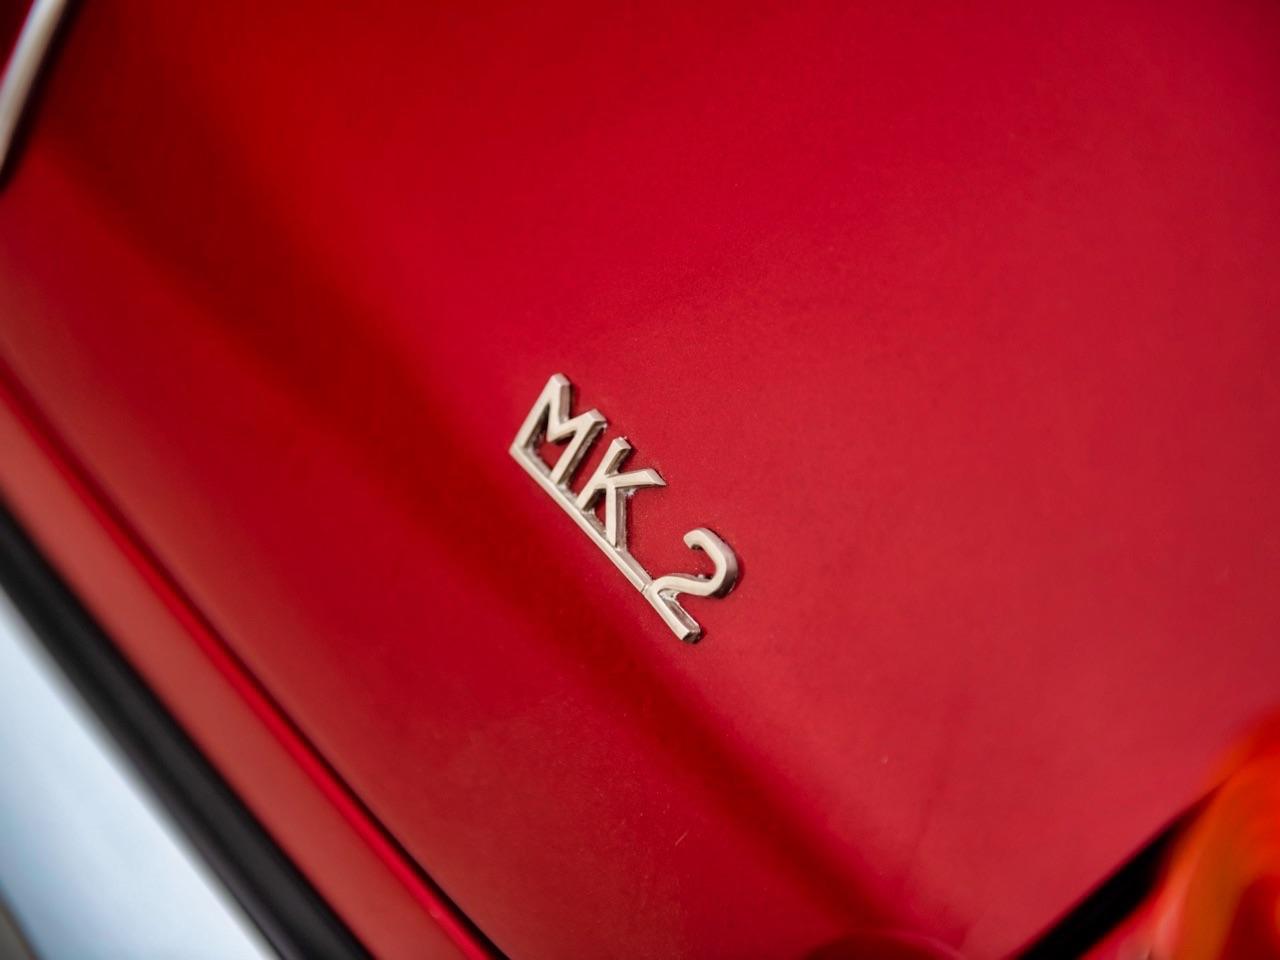 Restomod Jaguar MkII 3.8... enfin, plutôt Beacham V8 Supercharged ! 5